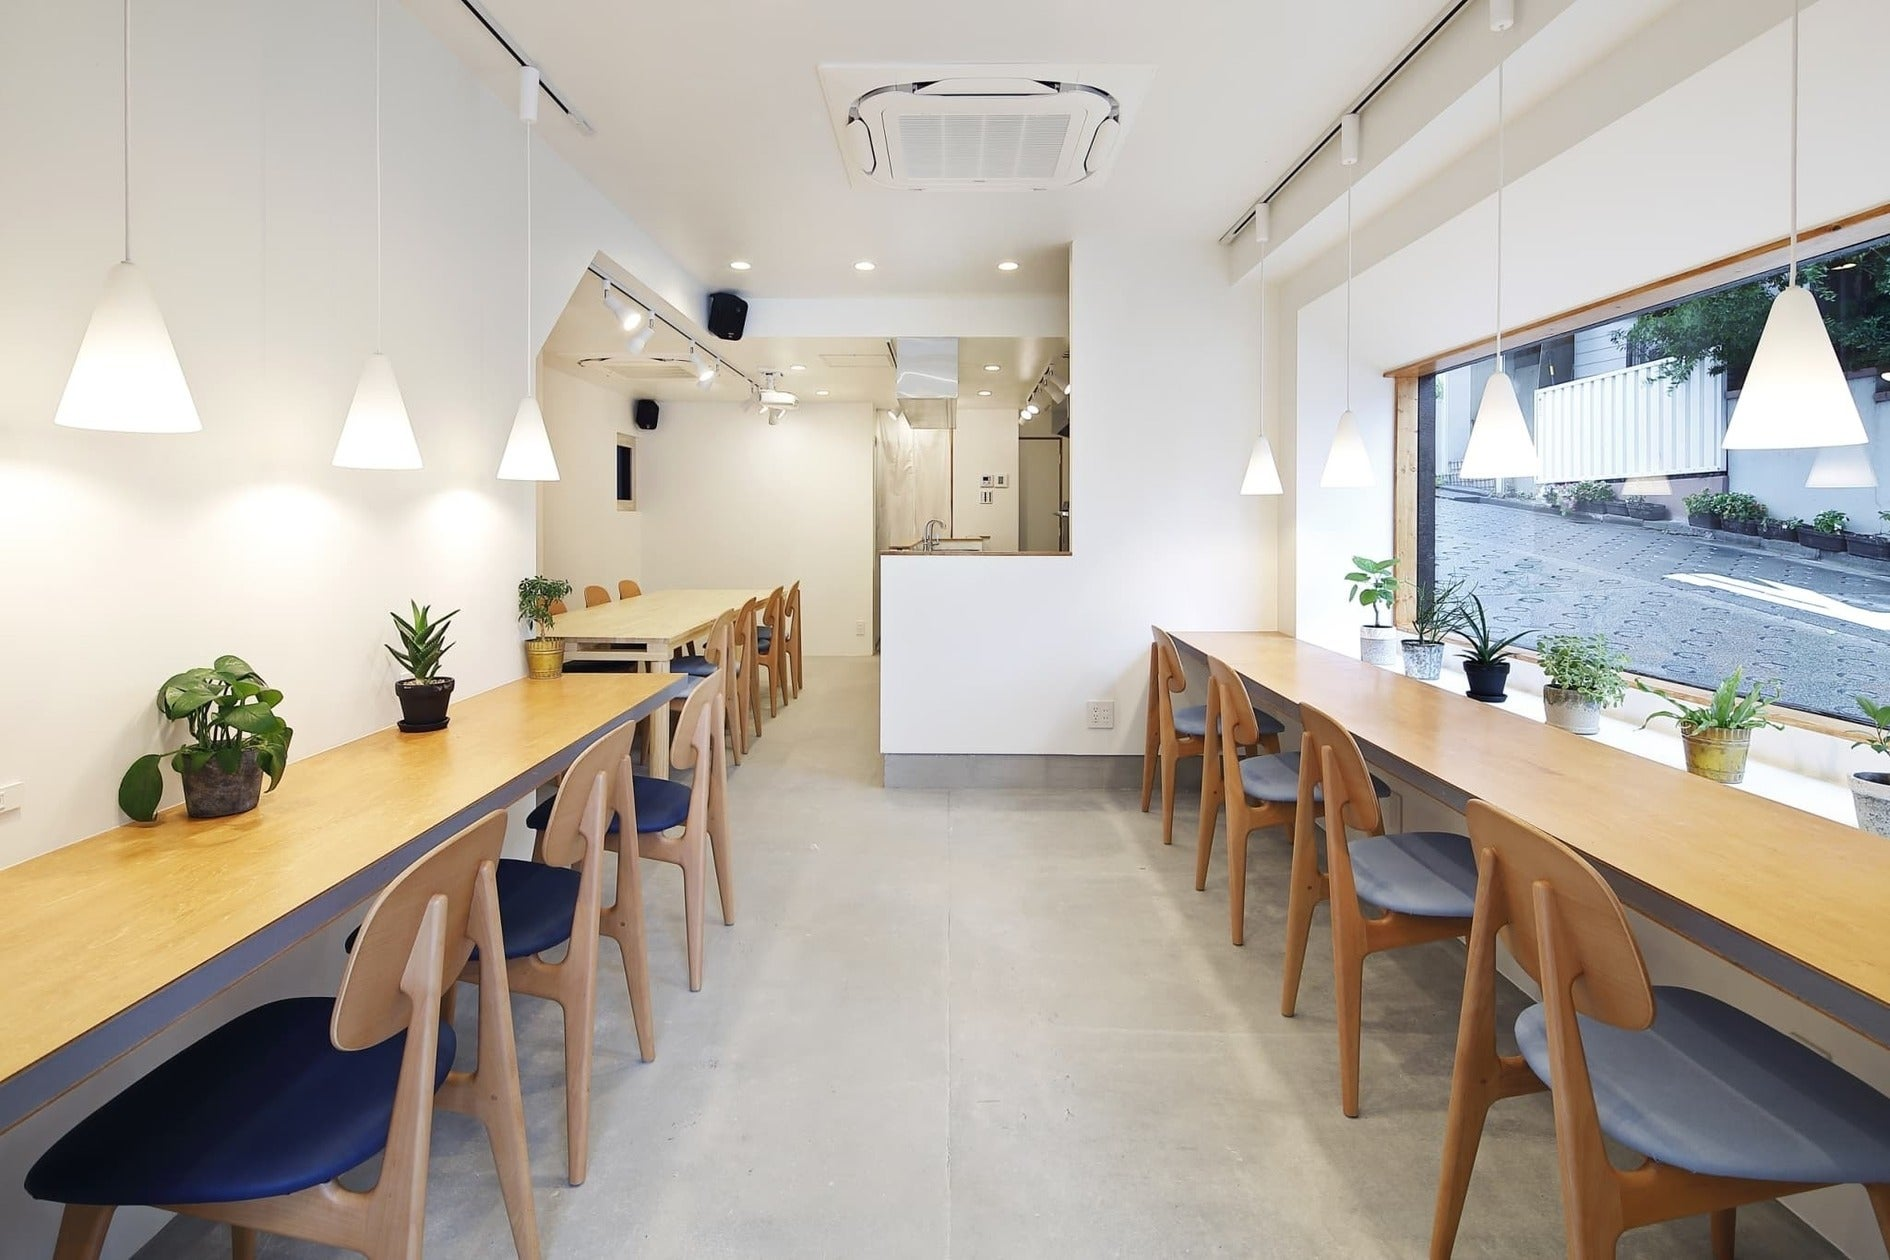 【完全プライベート空間】カフェを貸し切り。パーティーに、セミナーに、音楽ライブも行えます。(【完全プライベート空間】カフェを貸し切り。パーティーに、セミナーに、音楽ライブも行えます。) の写真0